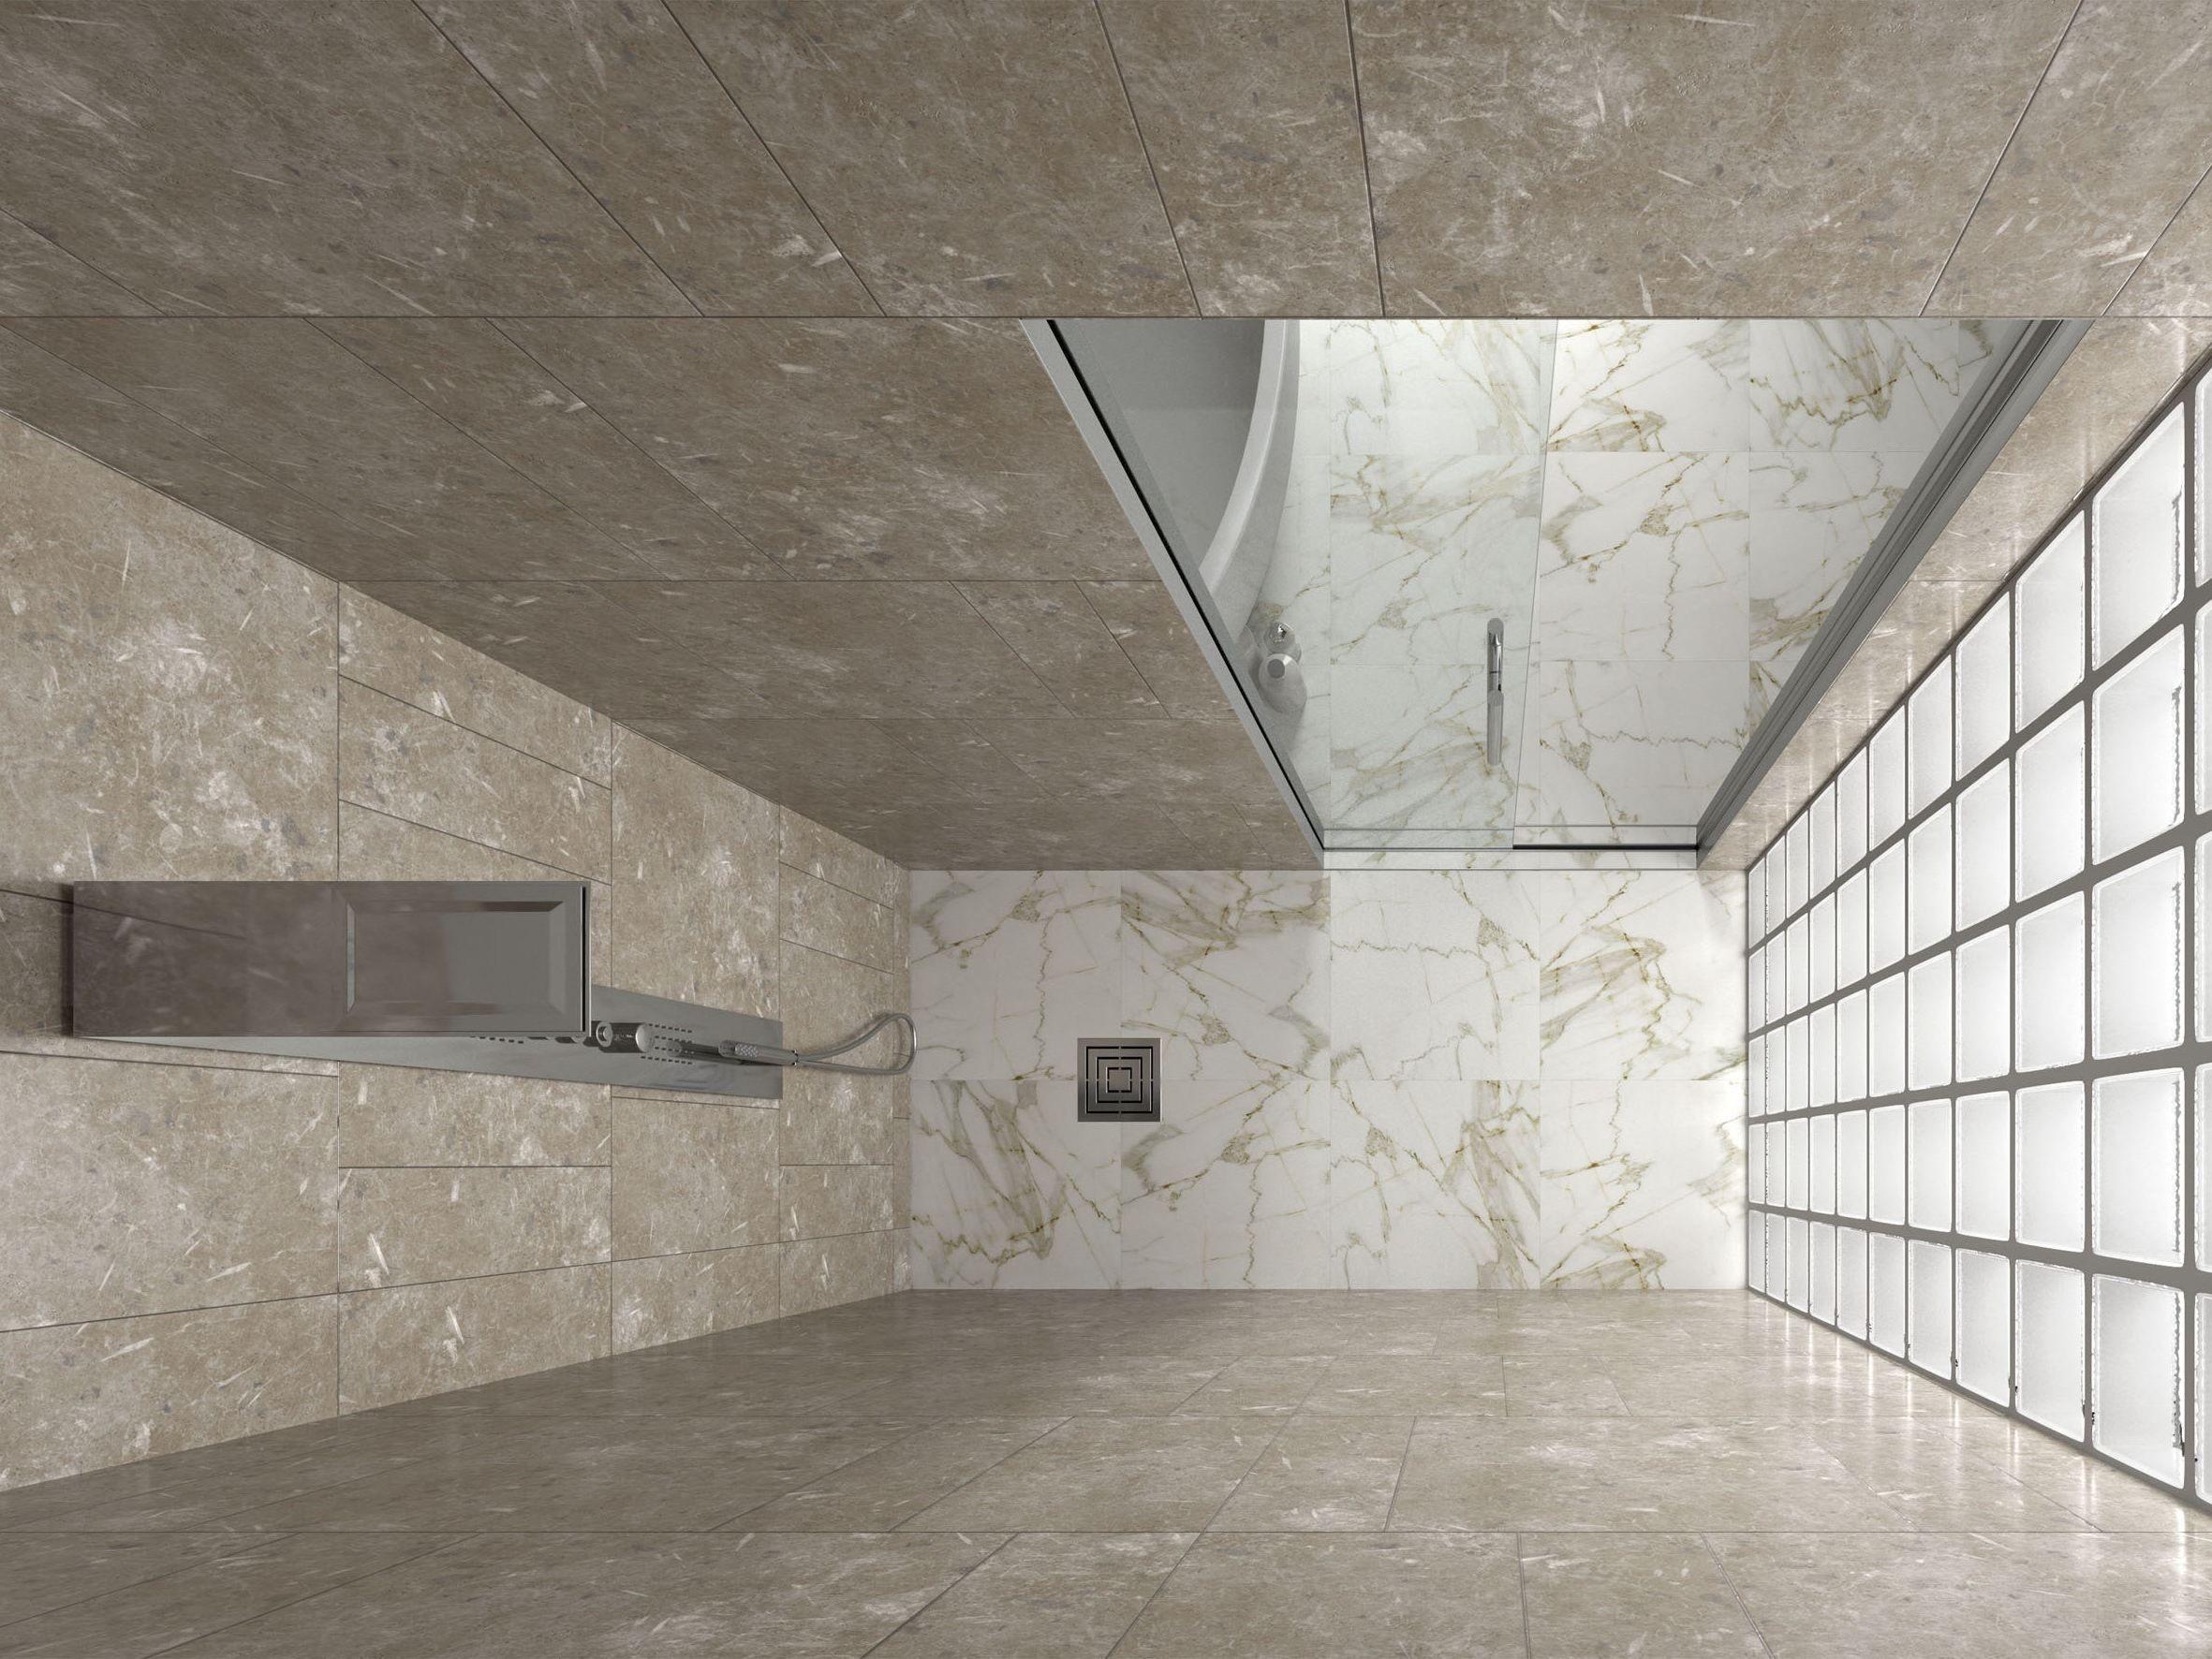 Porta scorrevole interno muro per box doccia essential - Doccia senza porta ...